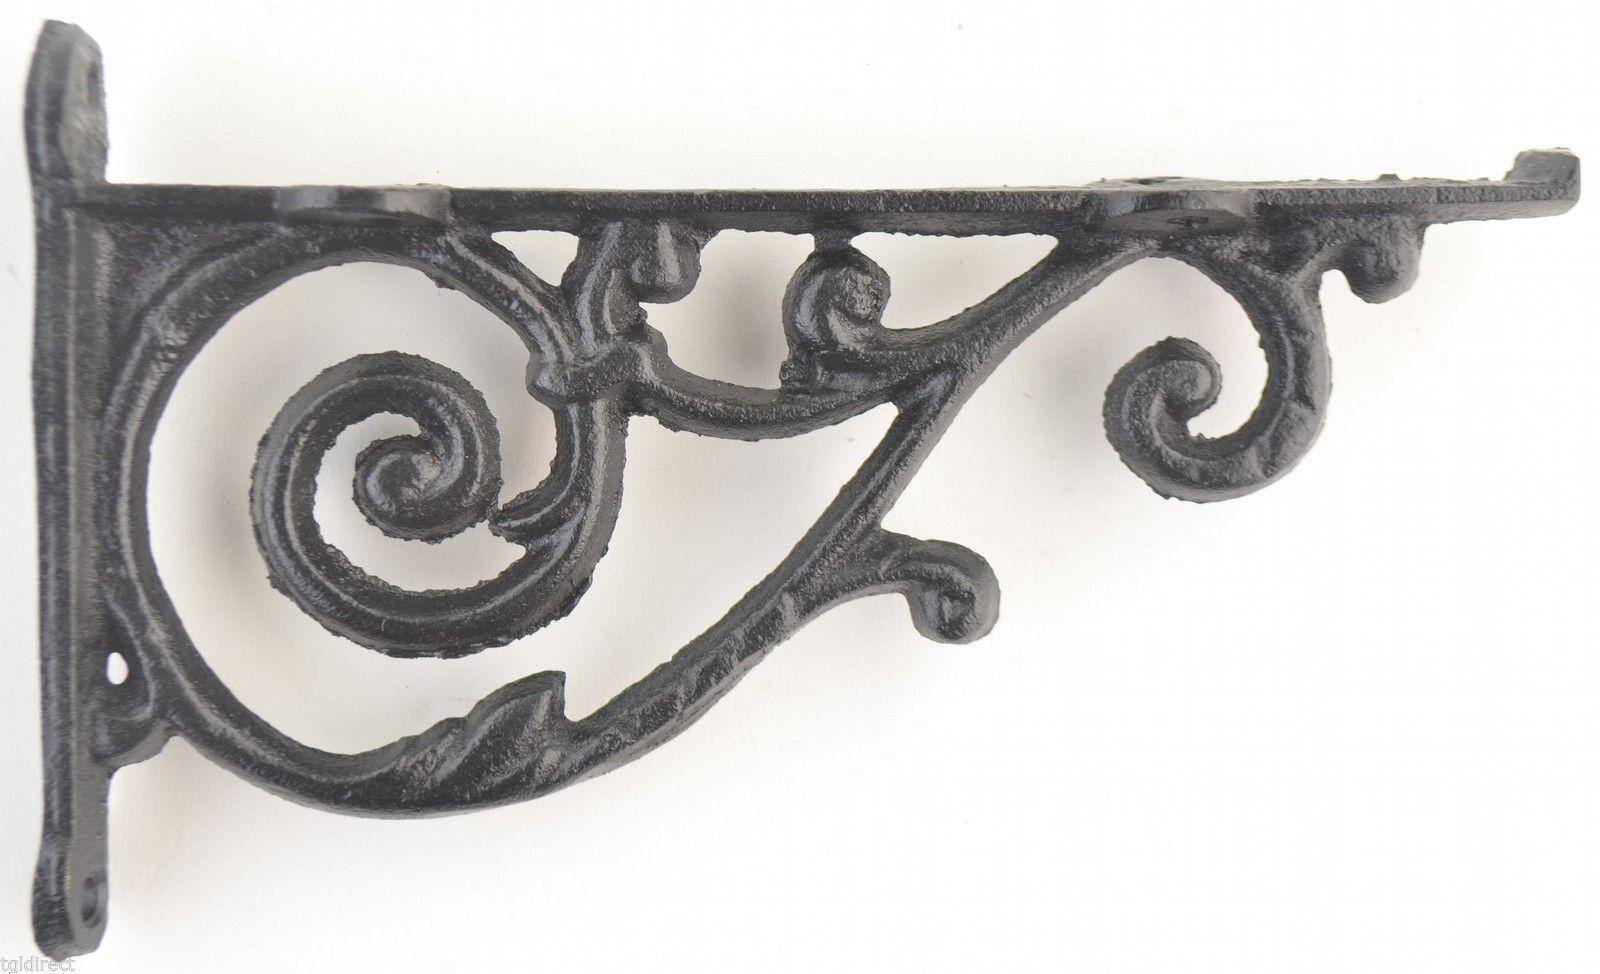 Long Iron Wall Decor : Wall shelf bracket ornate pattern cast iron quot long